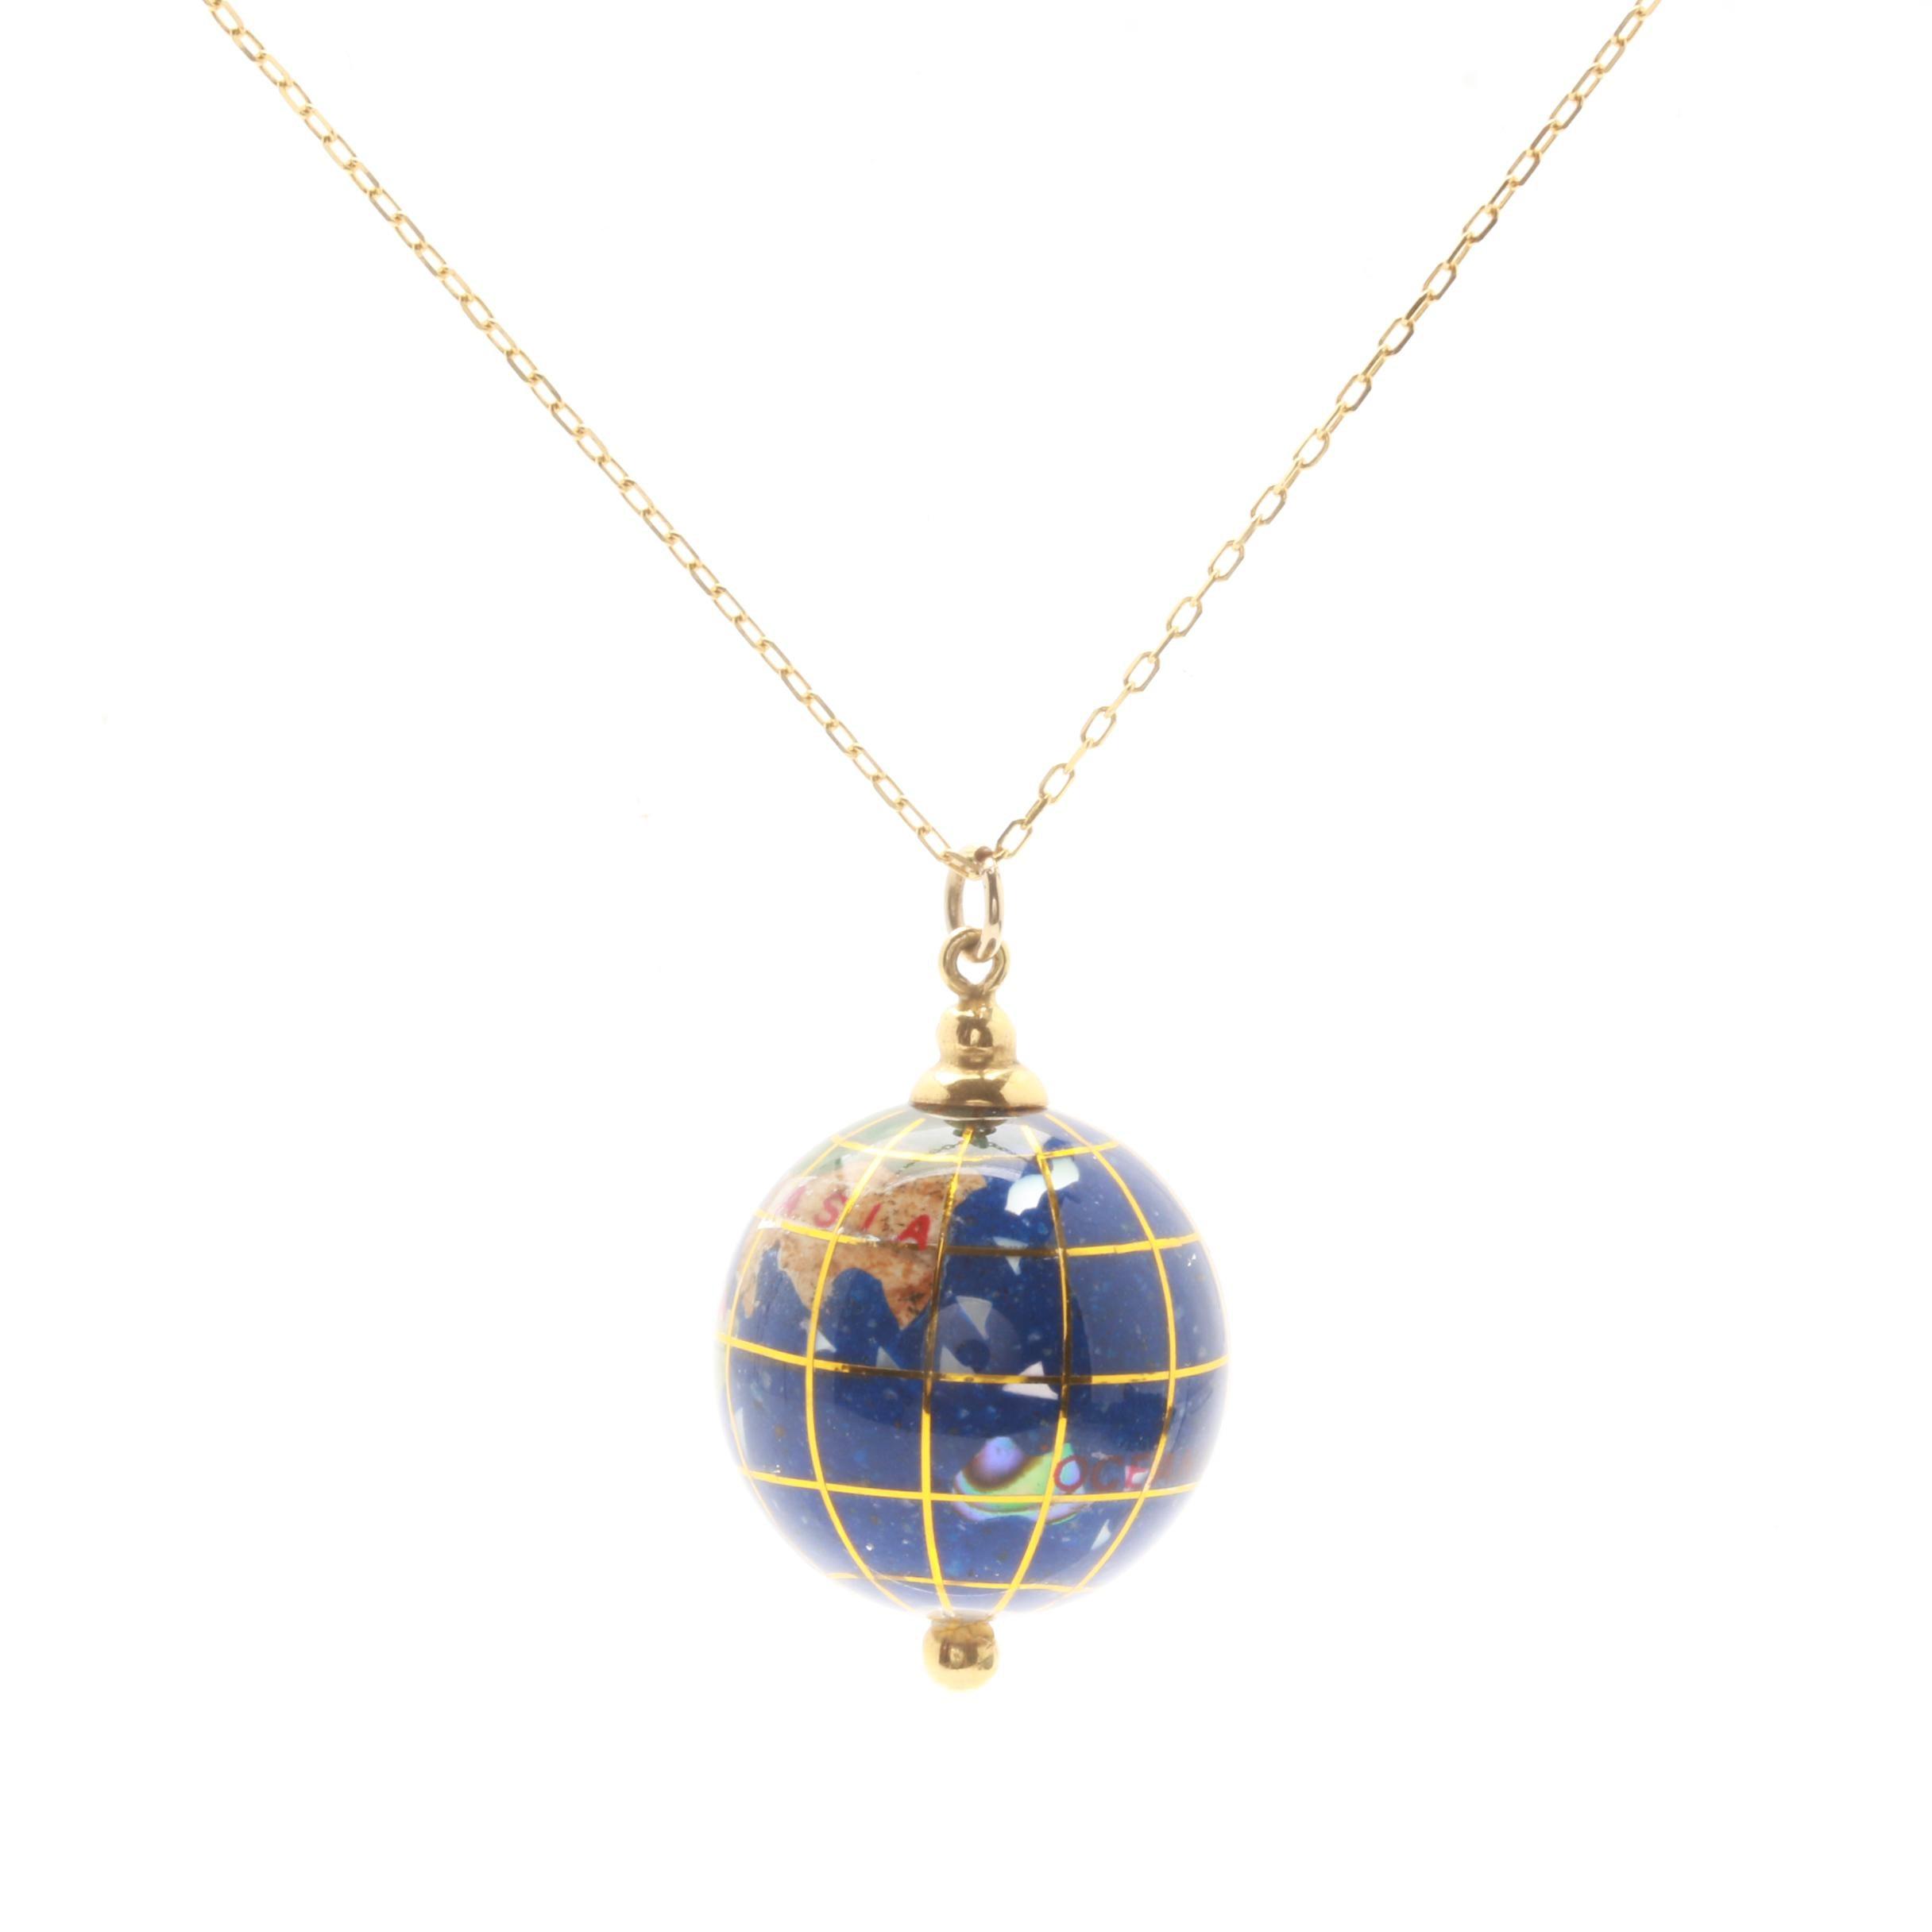 18K Yellow Gold Gemstone Globe Necklace Including Abalone